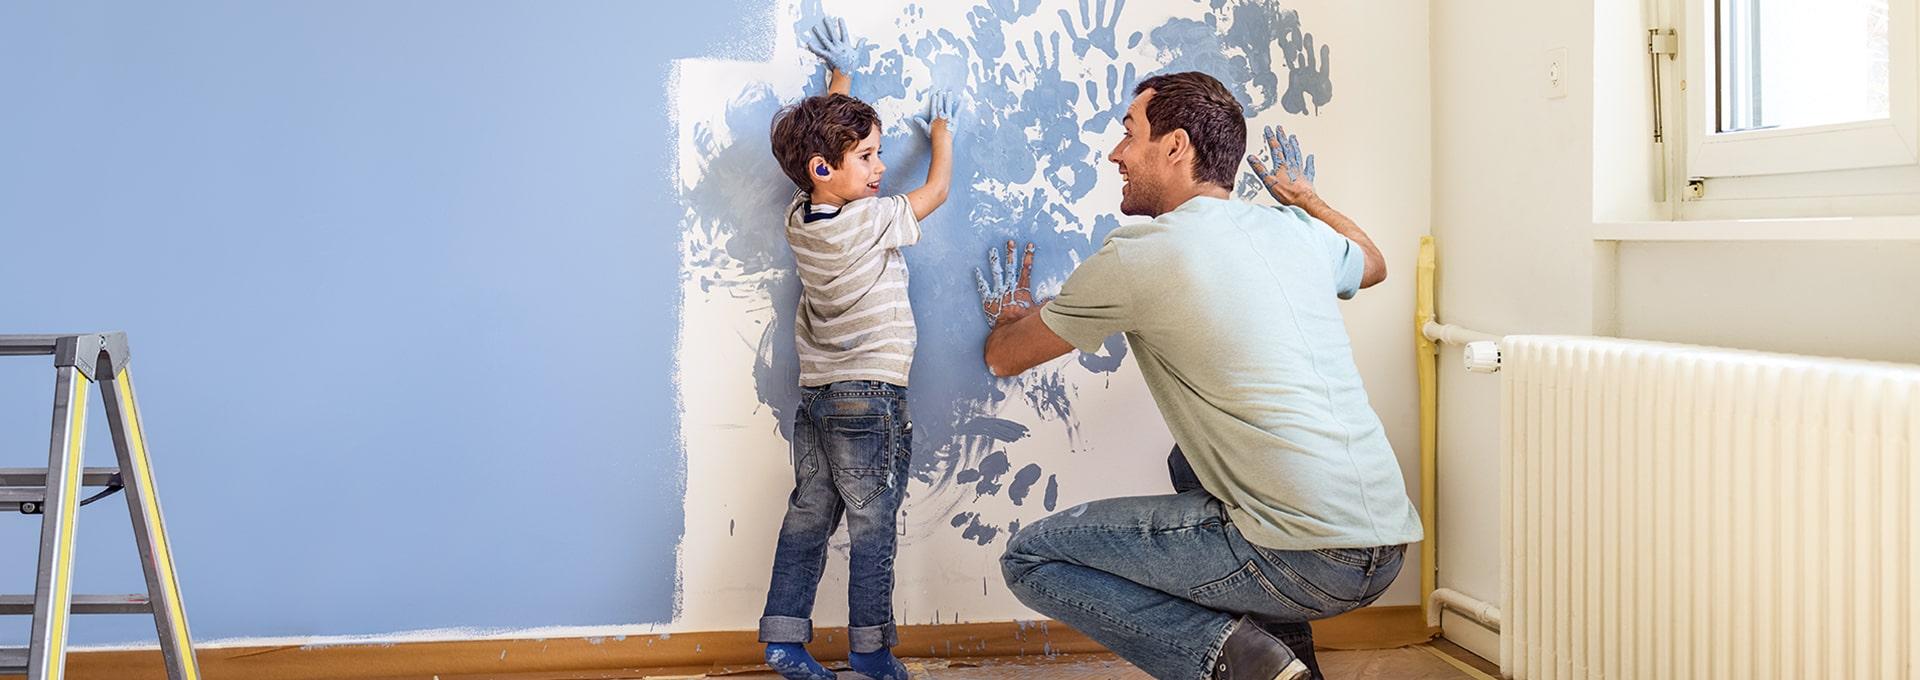 Padre e hijo con los audífonos Bernafon Leox Super Power | Ultra Power pintando una pared y agregando de forma diferente huellas de manos.